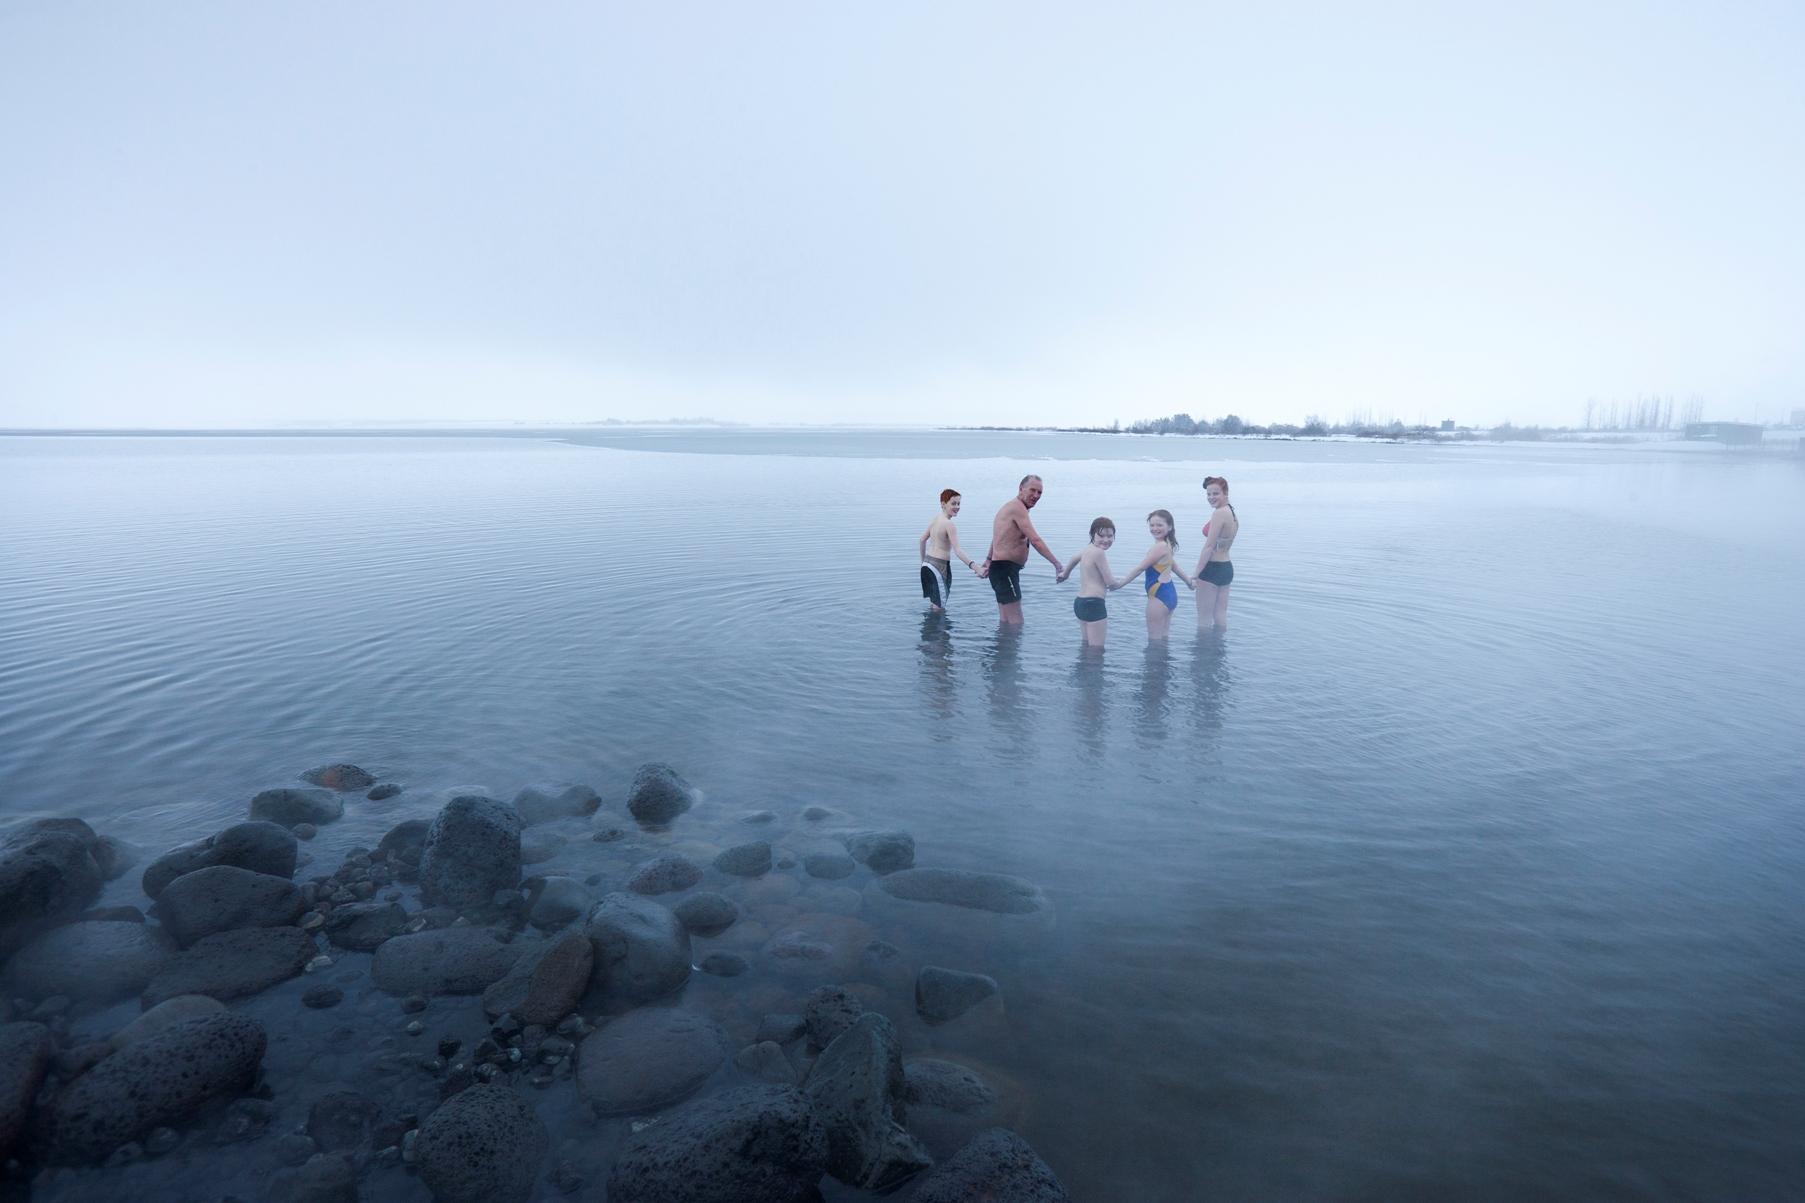 Laugarvatn Fontana Spa - Menschen laufen in den Laugarvatn See